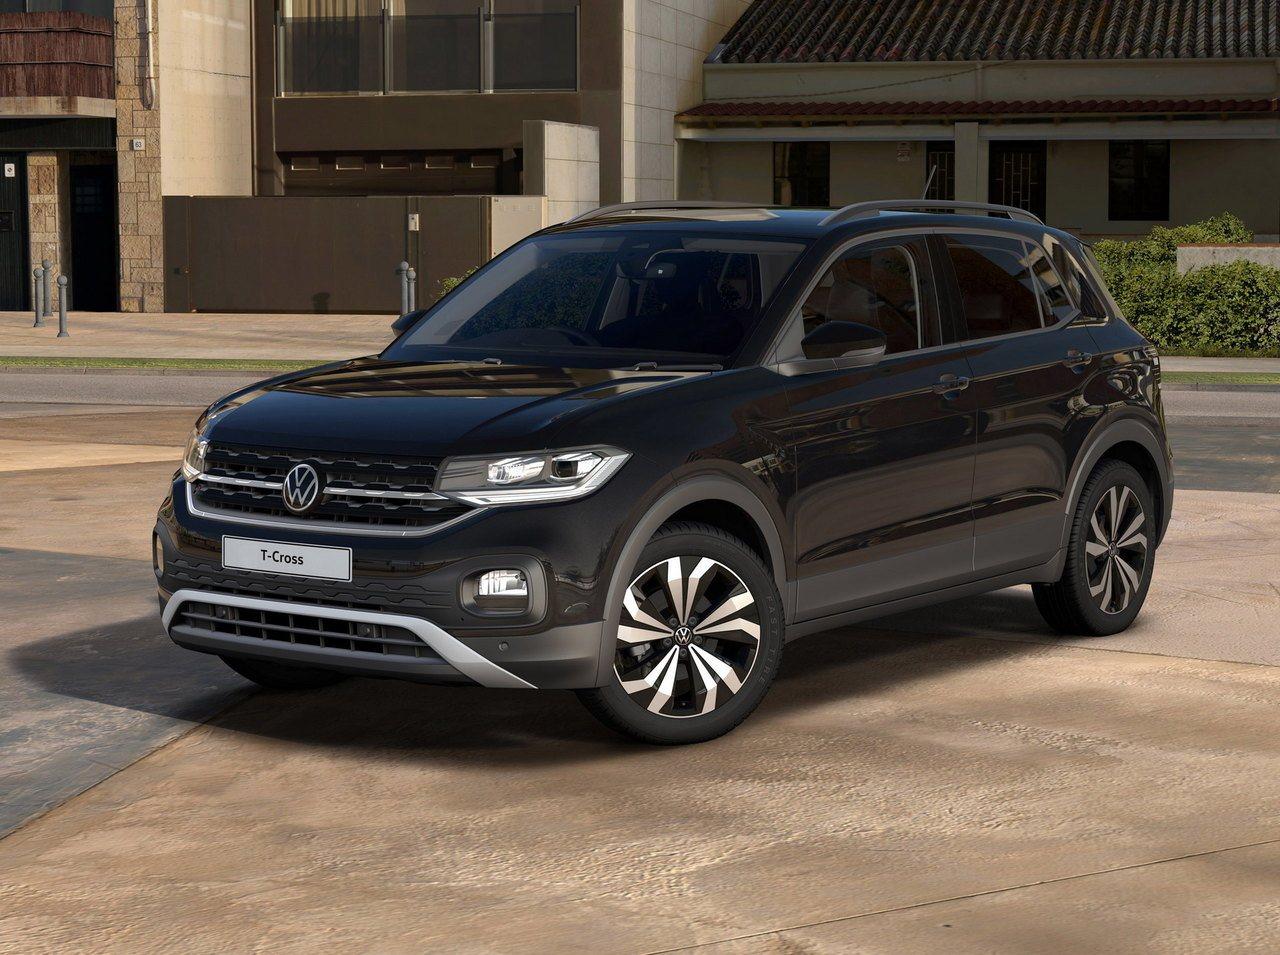 El Volkswagen T-Cross también va a contar con una versión Black Edition